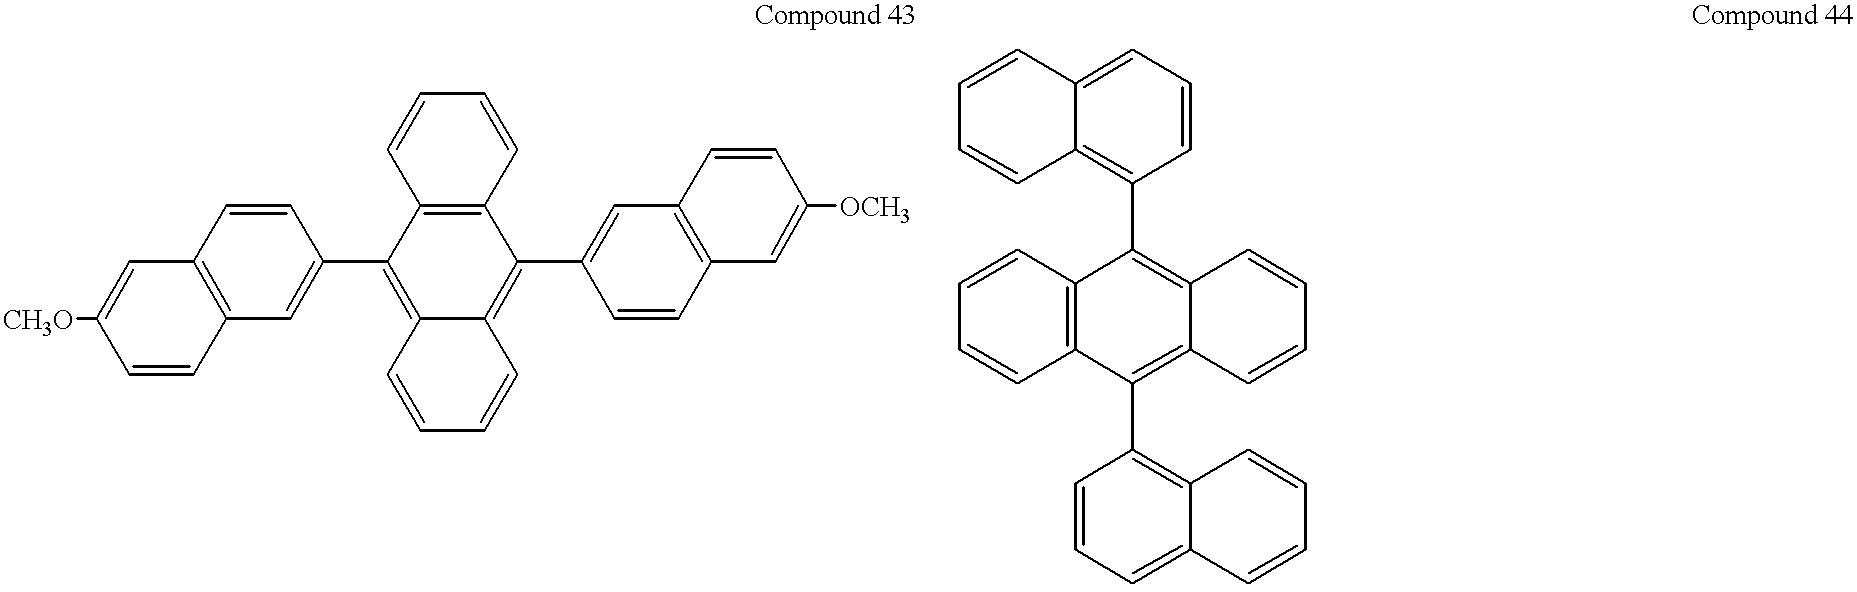 Figure US06465115-20021015-C00018